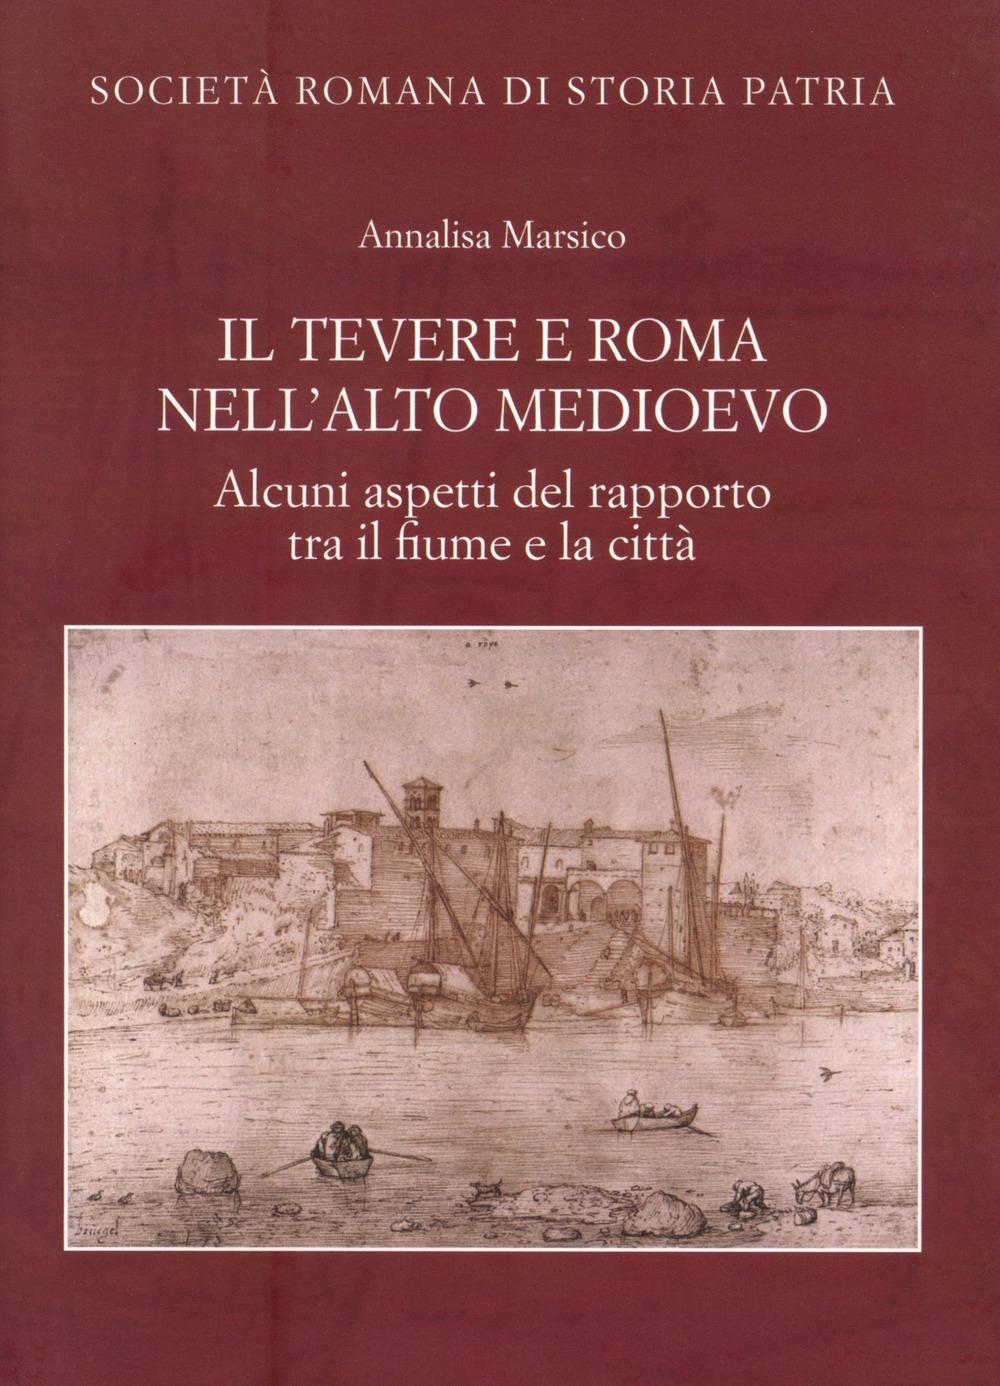 Il Tevere e Roma nell'alto medioevo. Alcuni aspetti del rapporto tra il fiume e la città